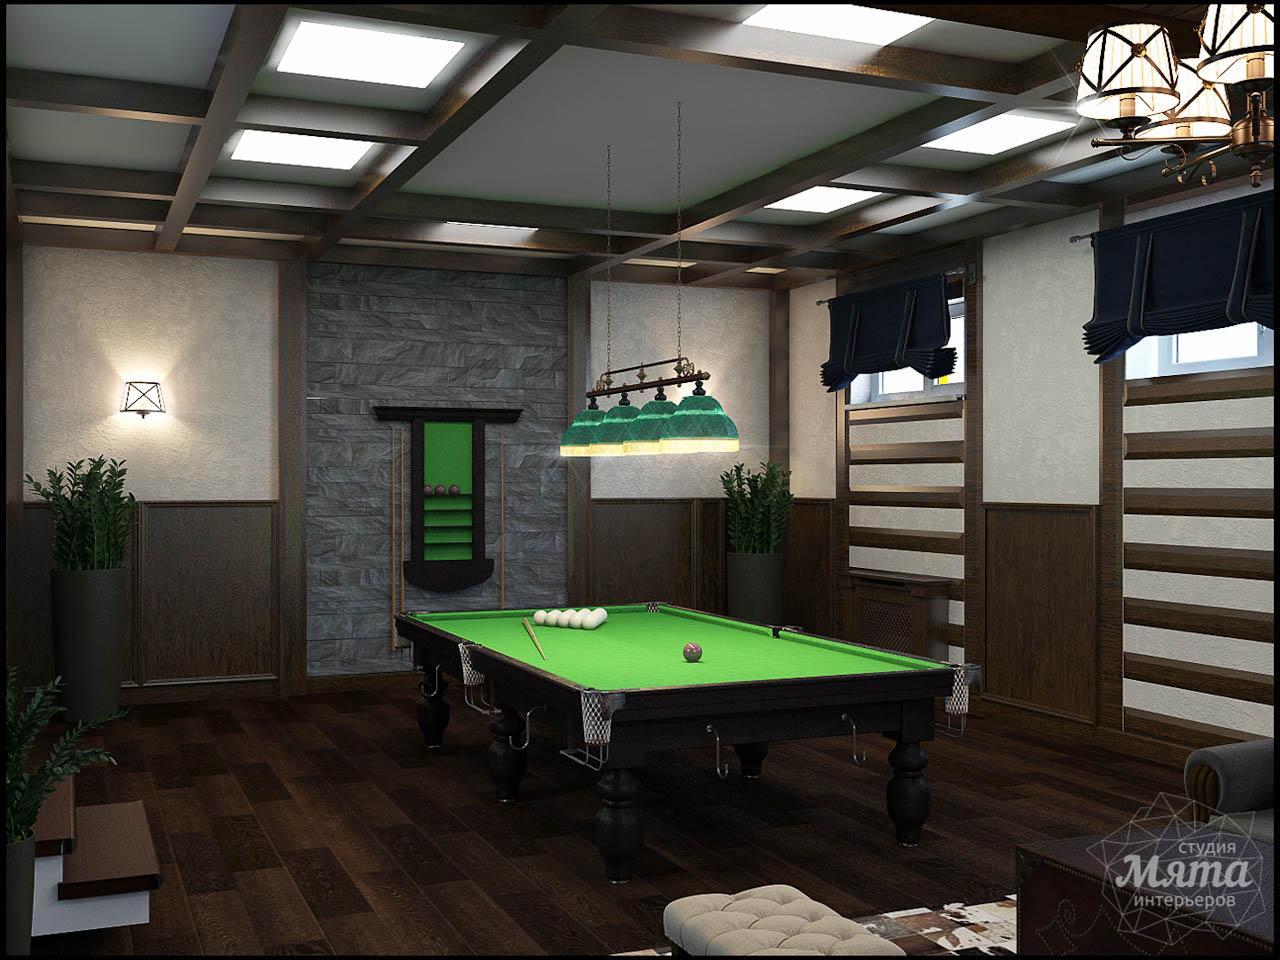 Дизайн интерьера бильярдной в п. Балтым img1132613804